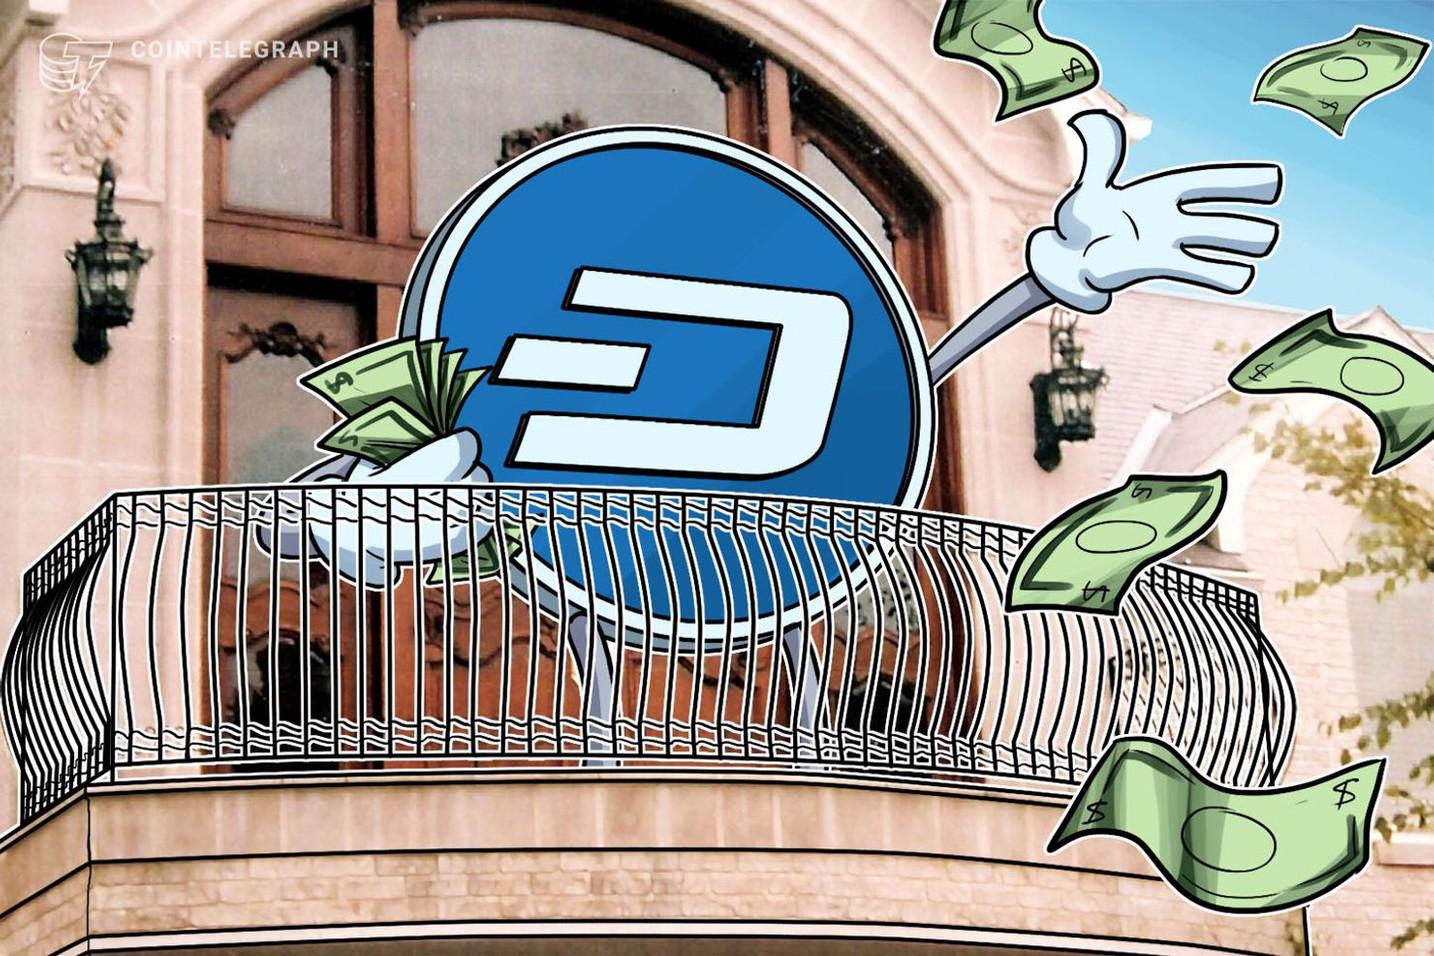 ベネズエラのケンタッキー・フライドチキン、仮想通貨ダッシュの決済が可能に